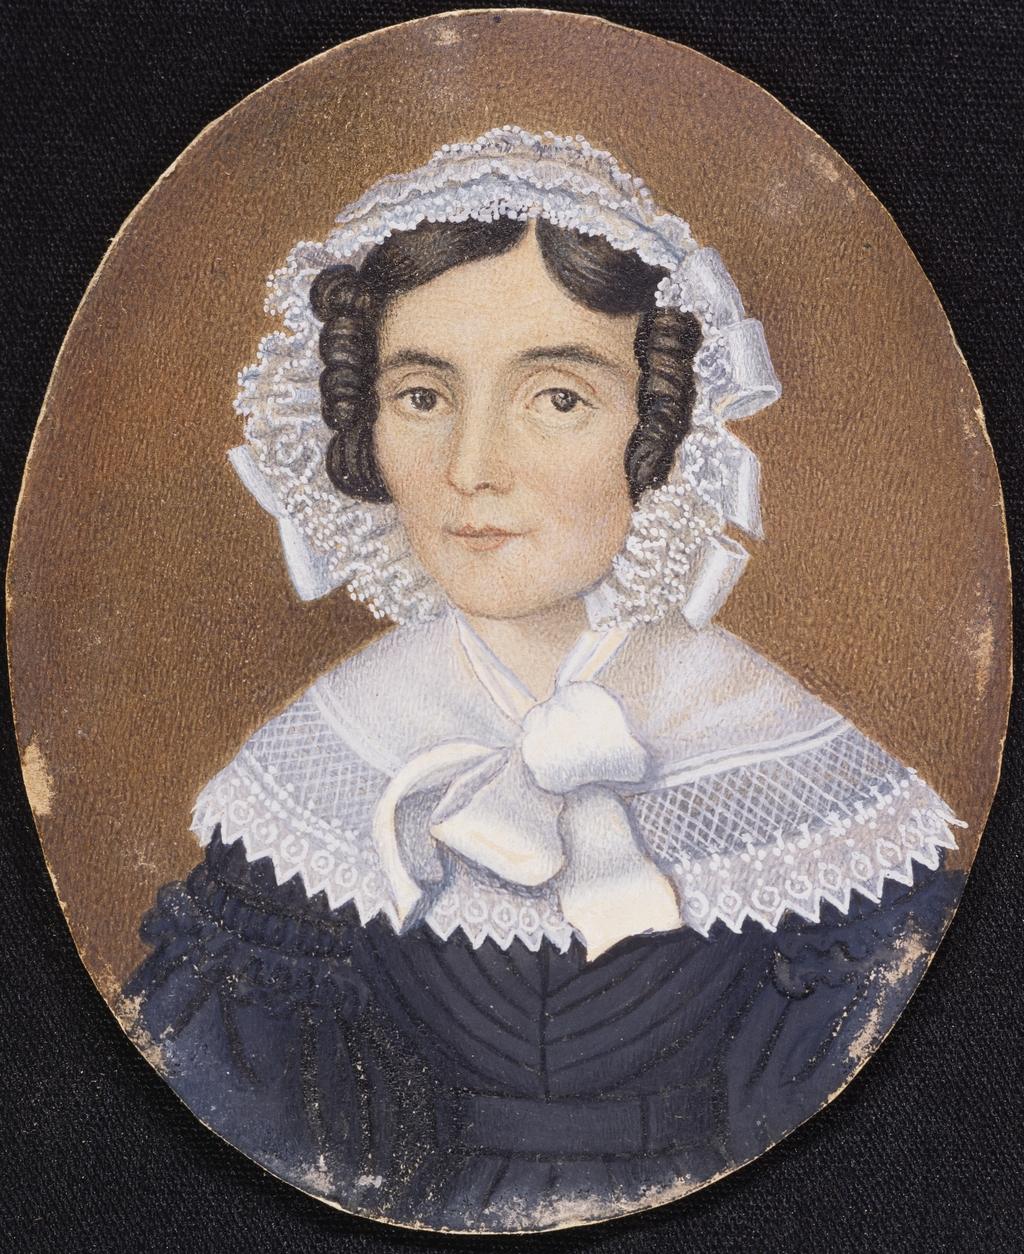 Madame Clément Cazeau, née Julie Hamelin